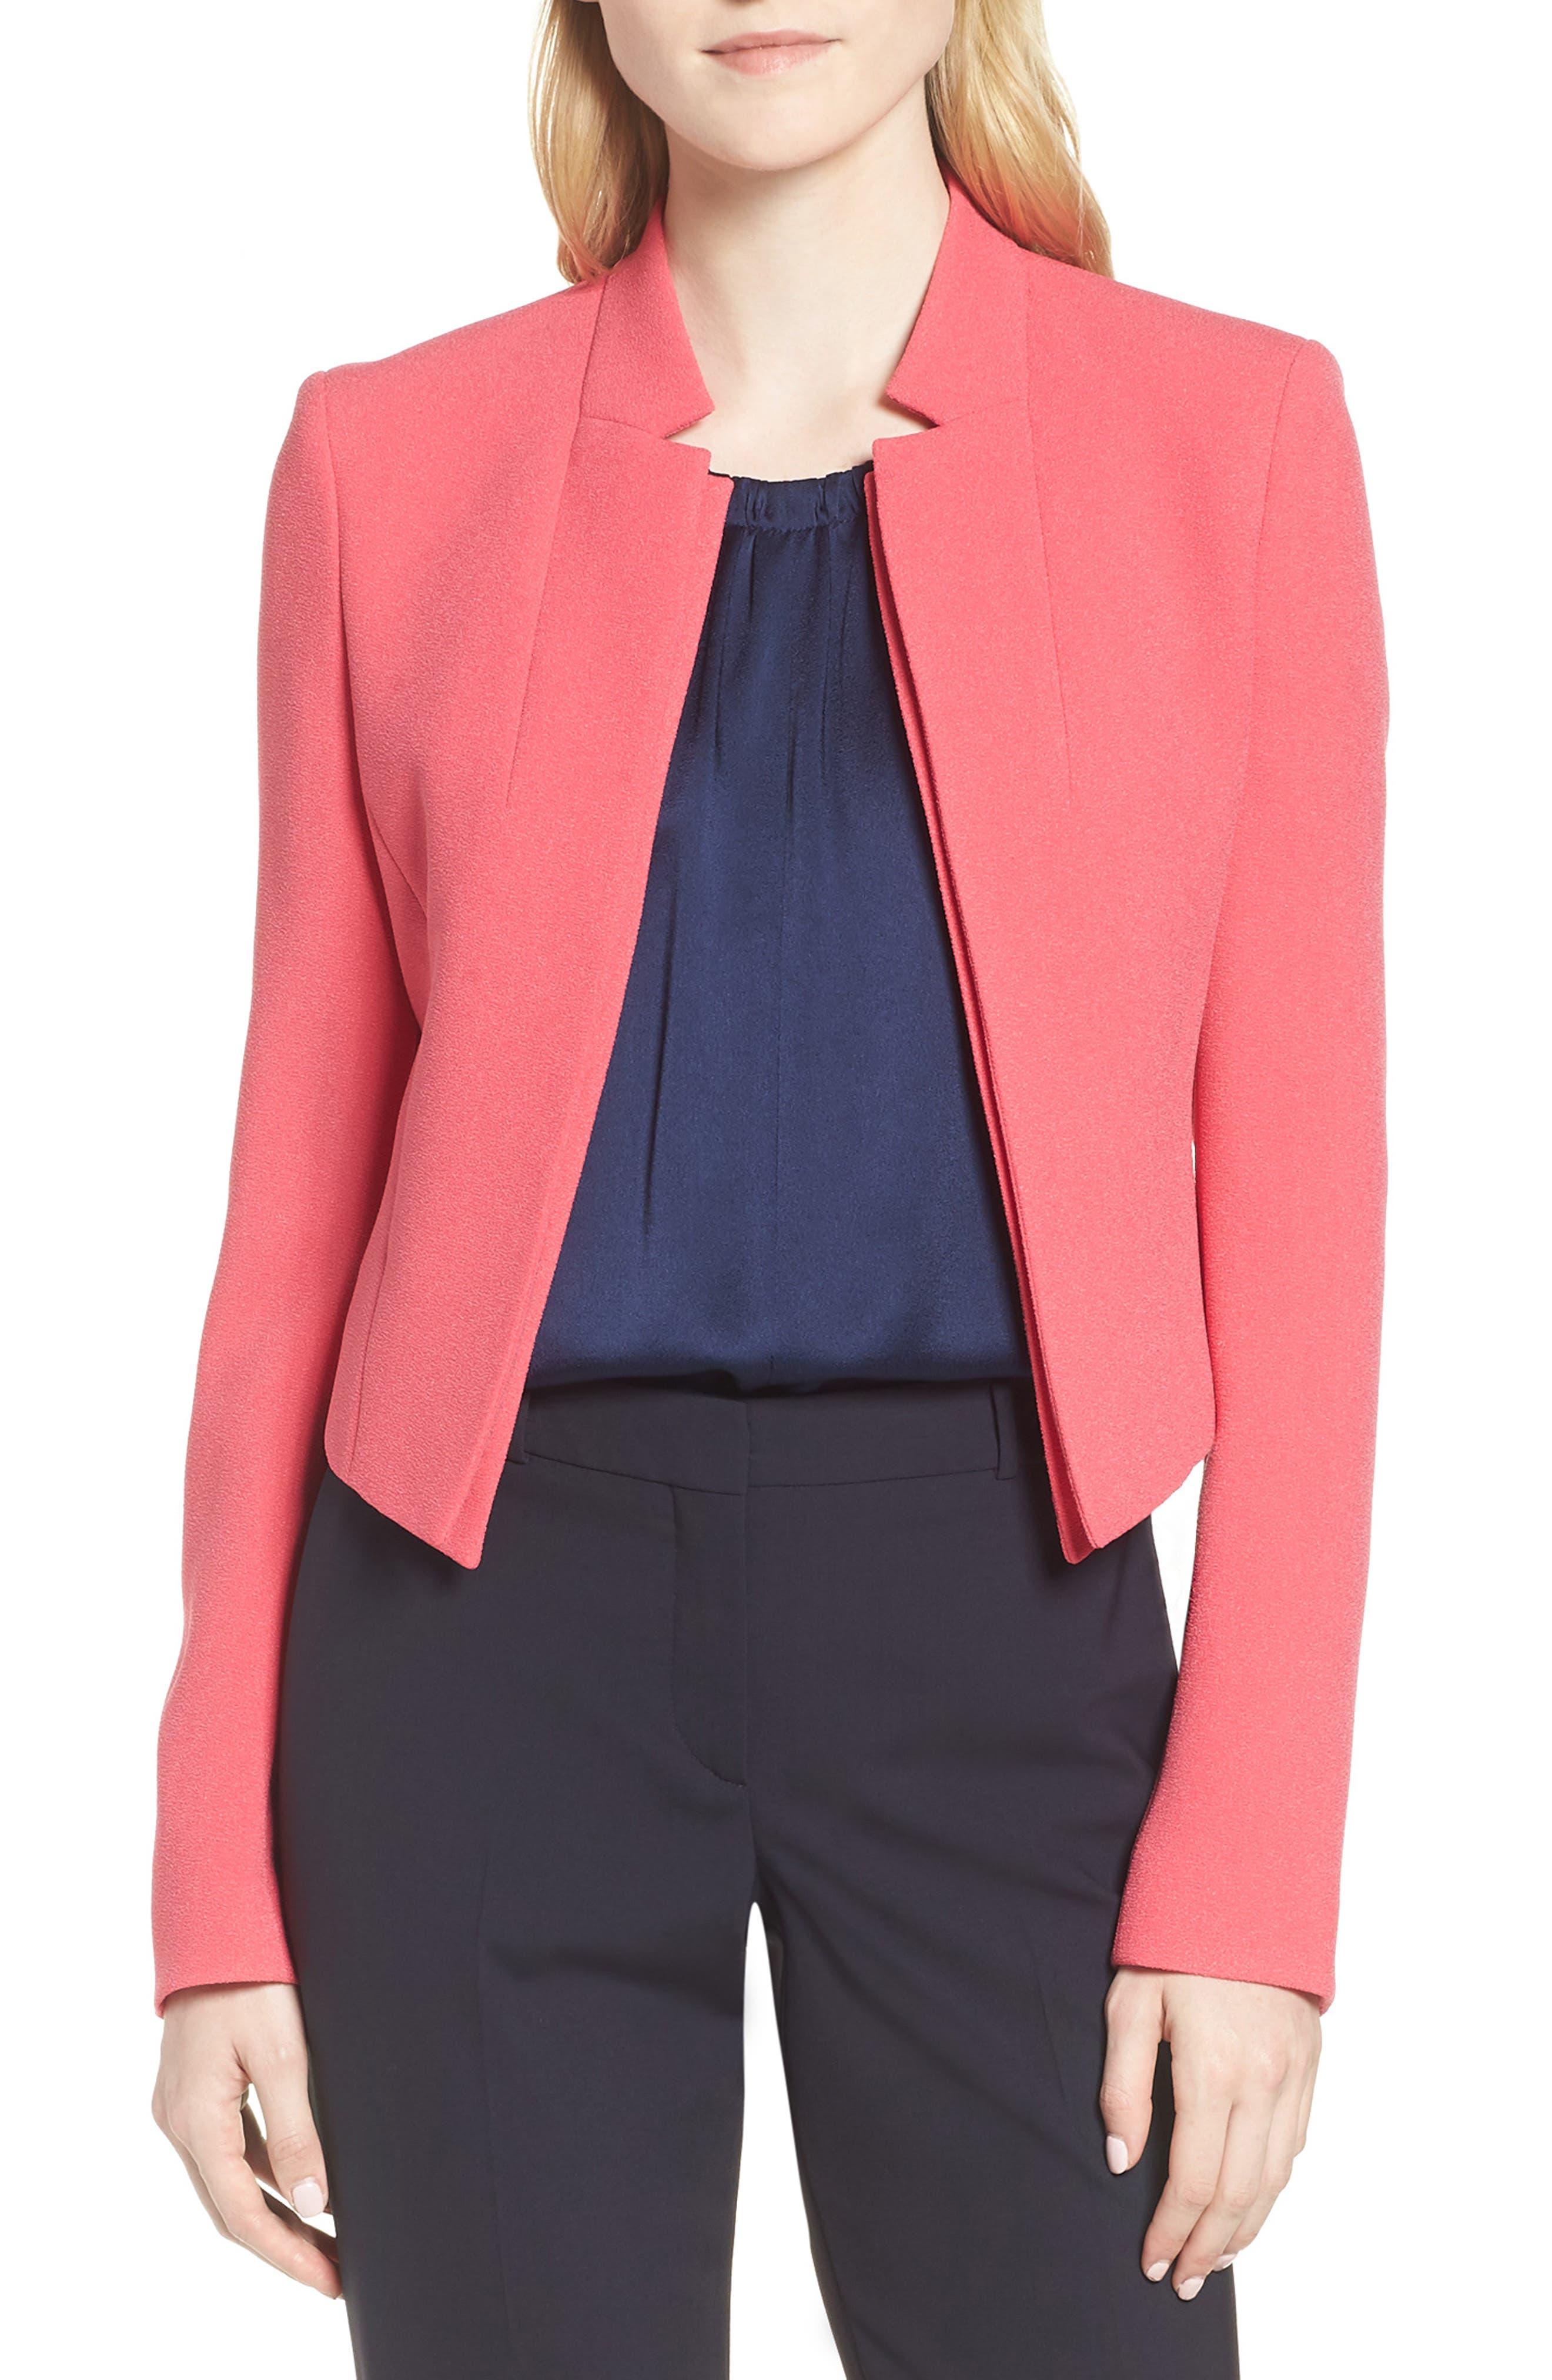 Jisala Compact Crepe Crop Jacket,                             Main thumbnail 1, color,                             Lychee Pink